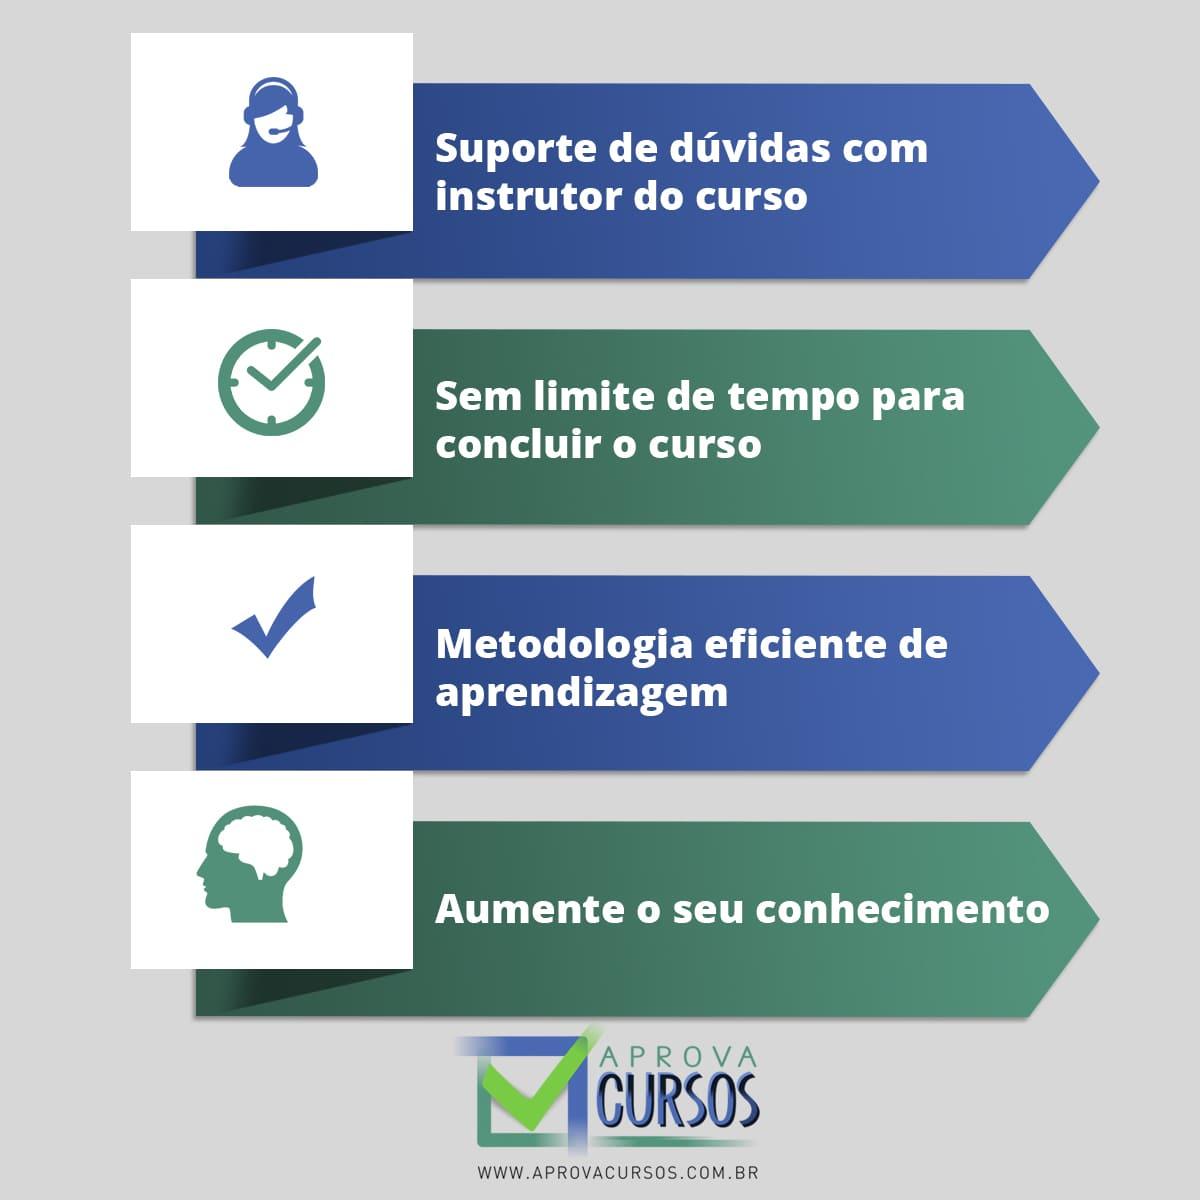 Curso Online de Telemarketing com Certificado  - Aprova Cursos